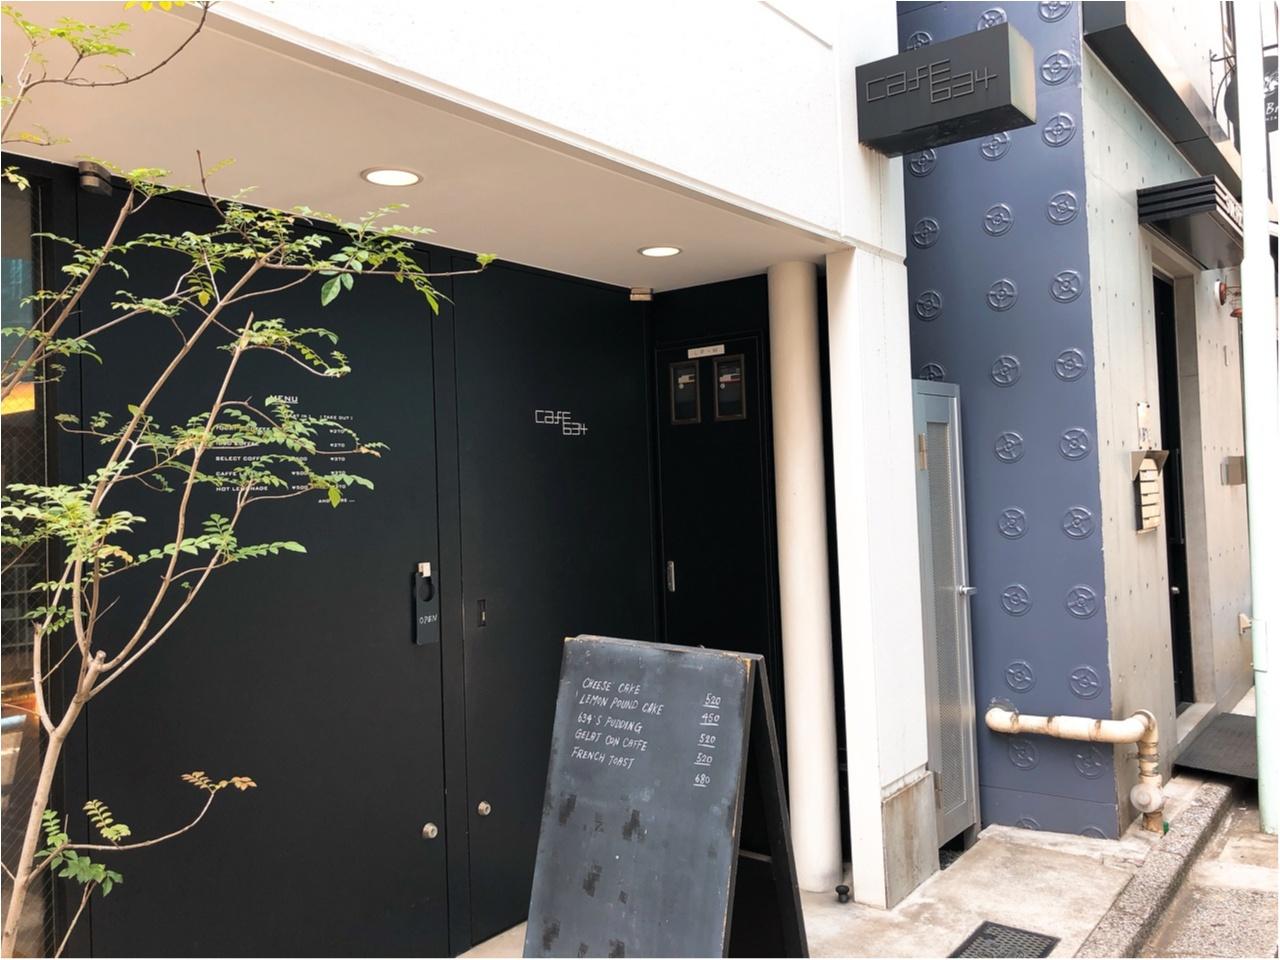 【銀座カフェ】小倉あんバタートースト+コーヒーが550円で食べられるお得モーニング!!_1